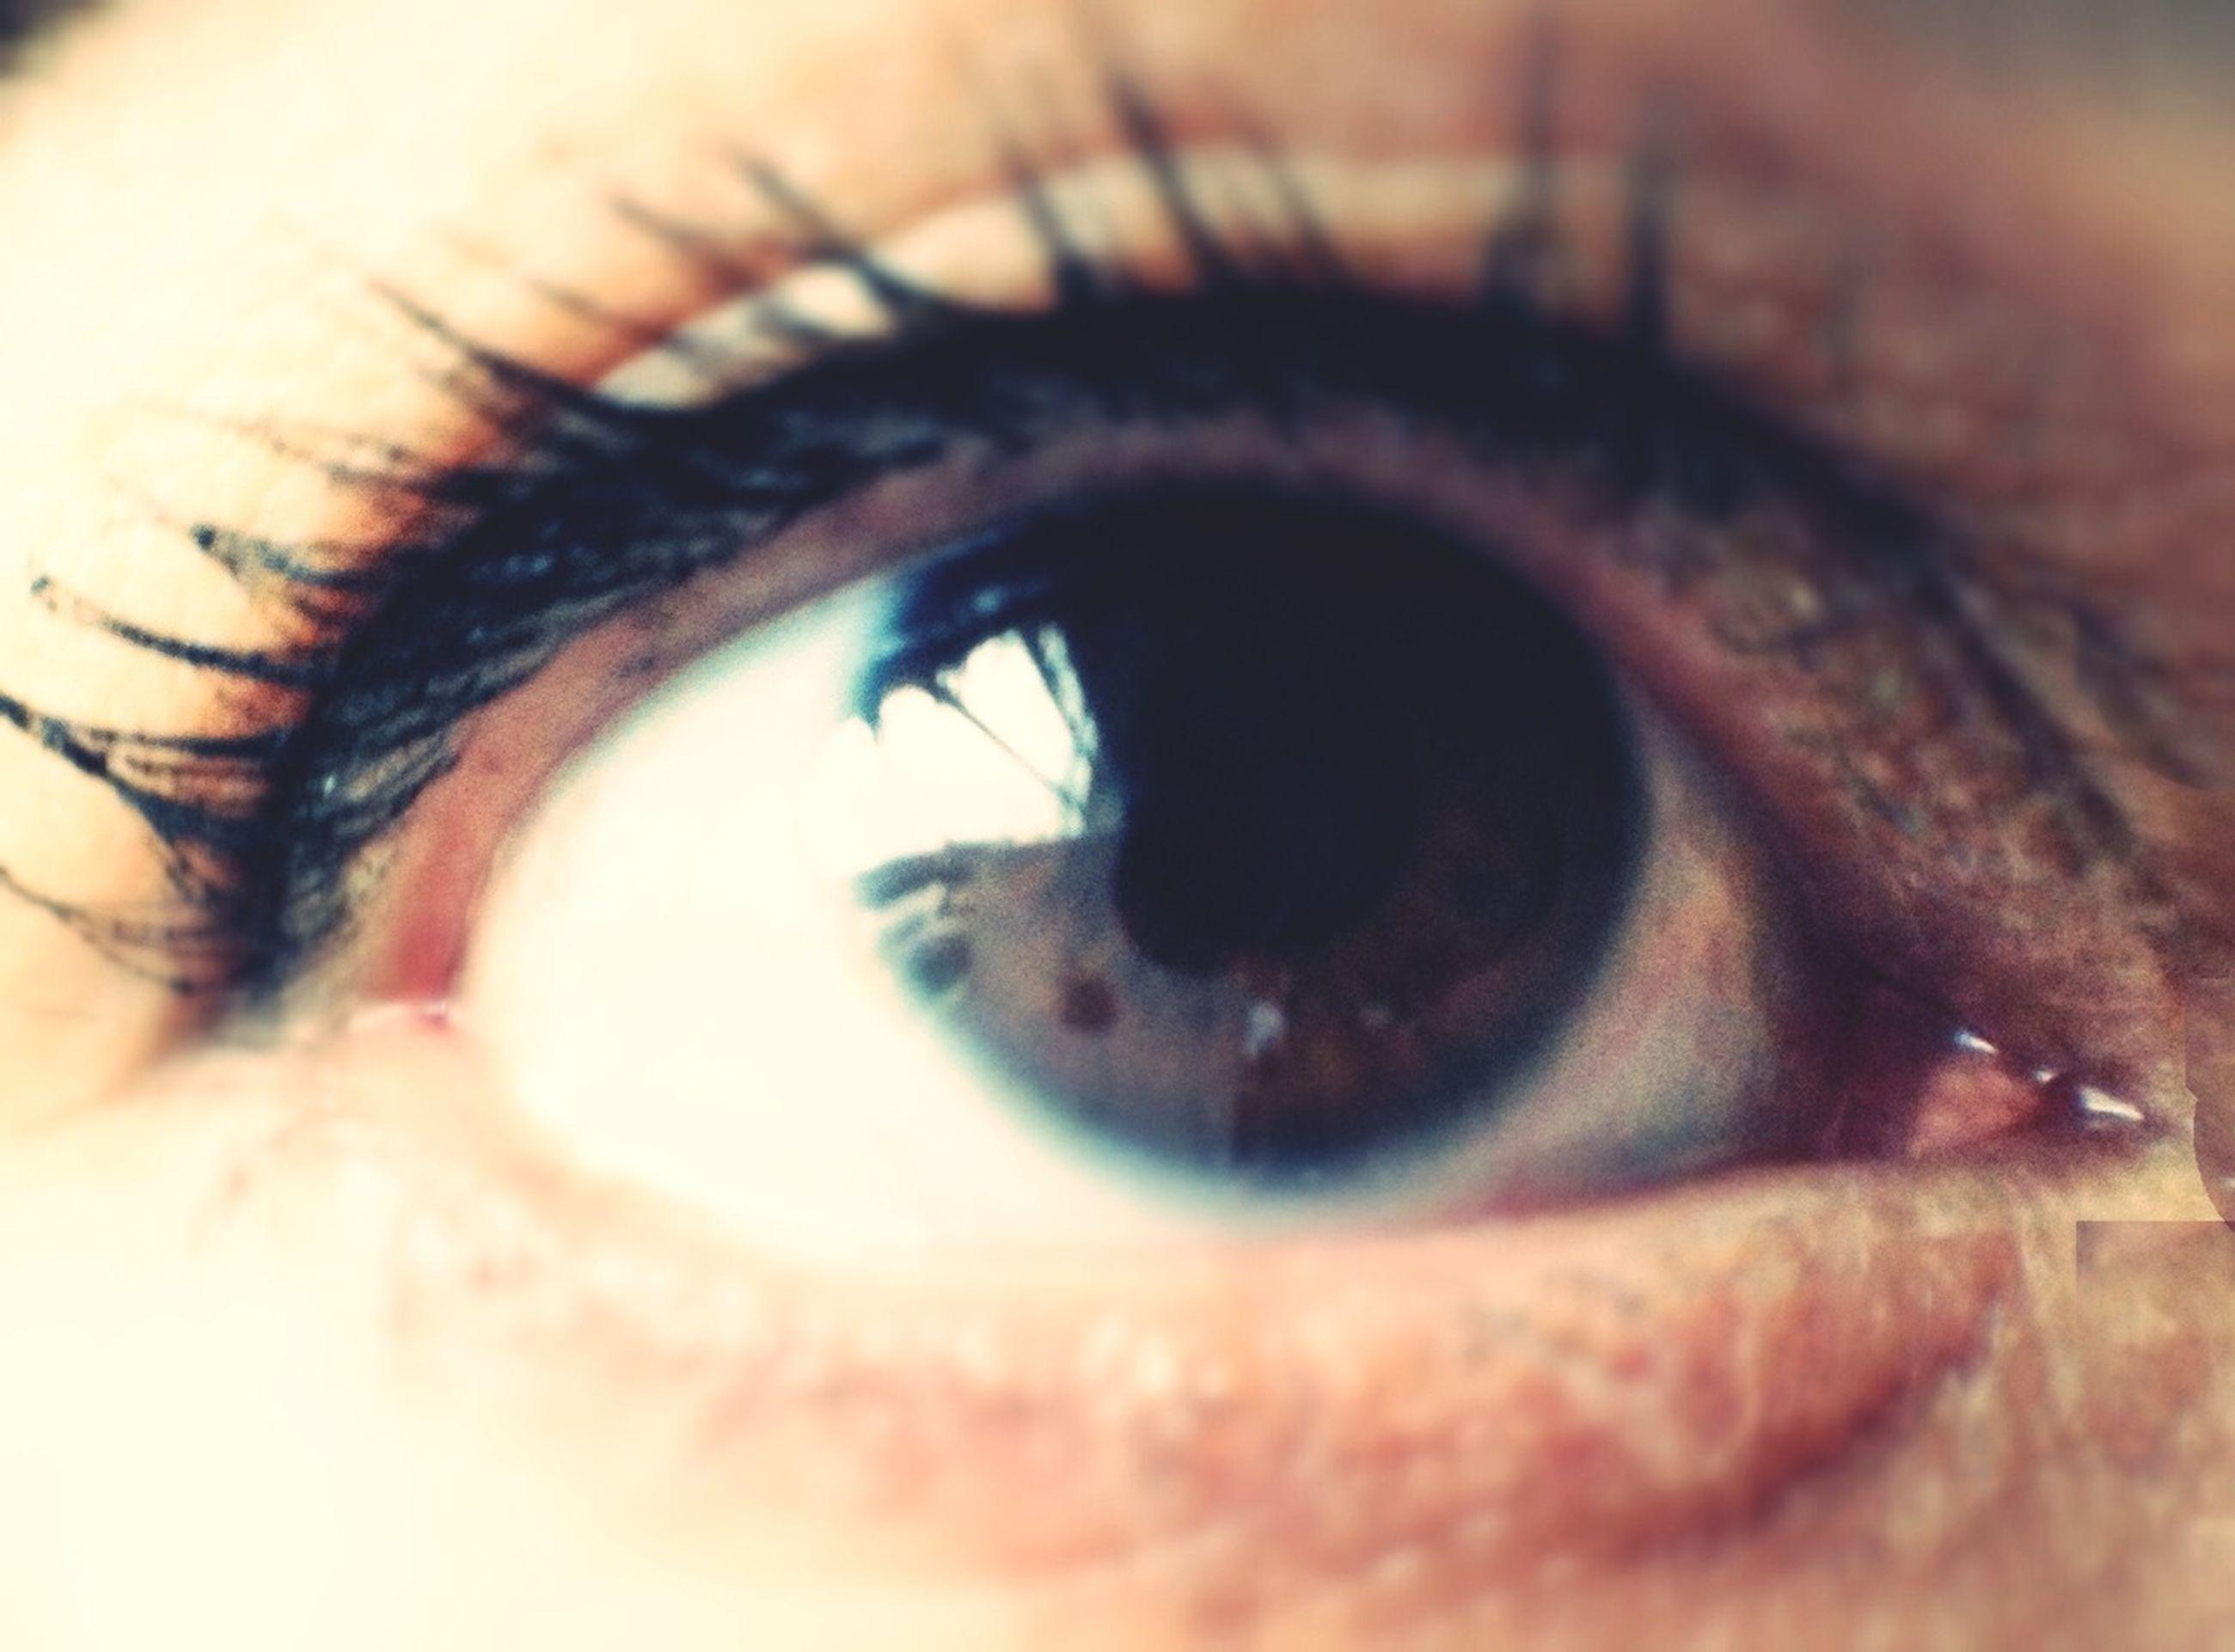 human eye, eyelash, eyesight, close-up, sensory perception, part of, extreme close-up, human skin, eyeball, looking at camera, iris - eye, portrait, human face, extreme close up, indoors, eyebrow, lifestyles